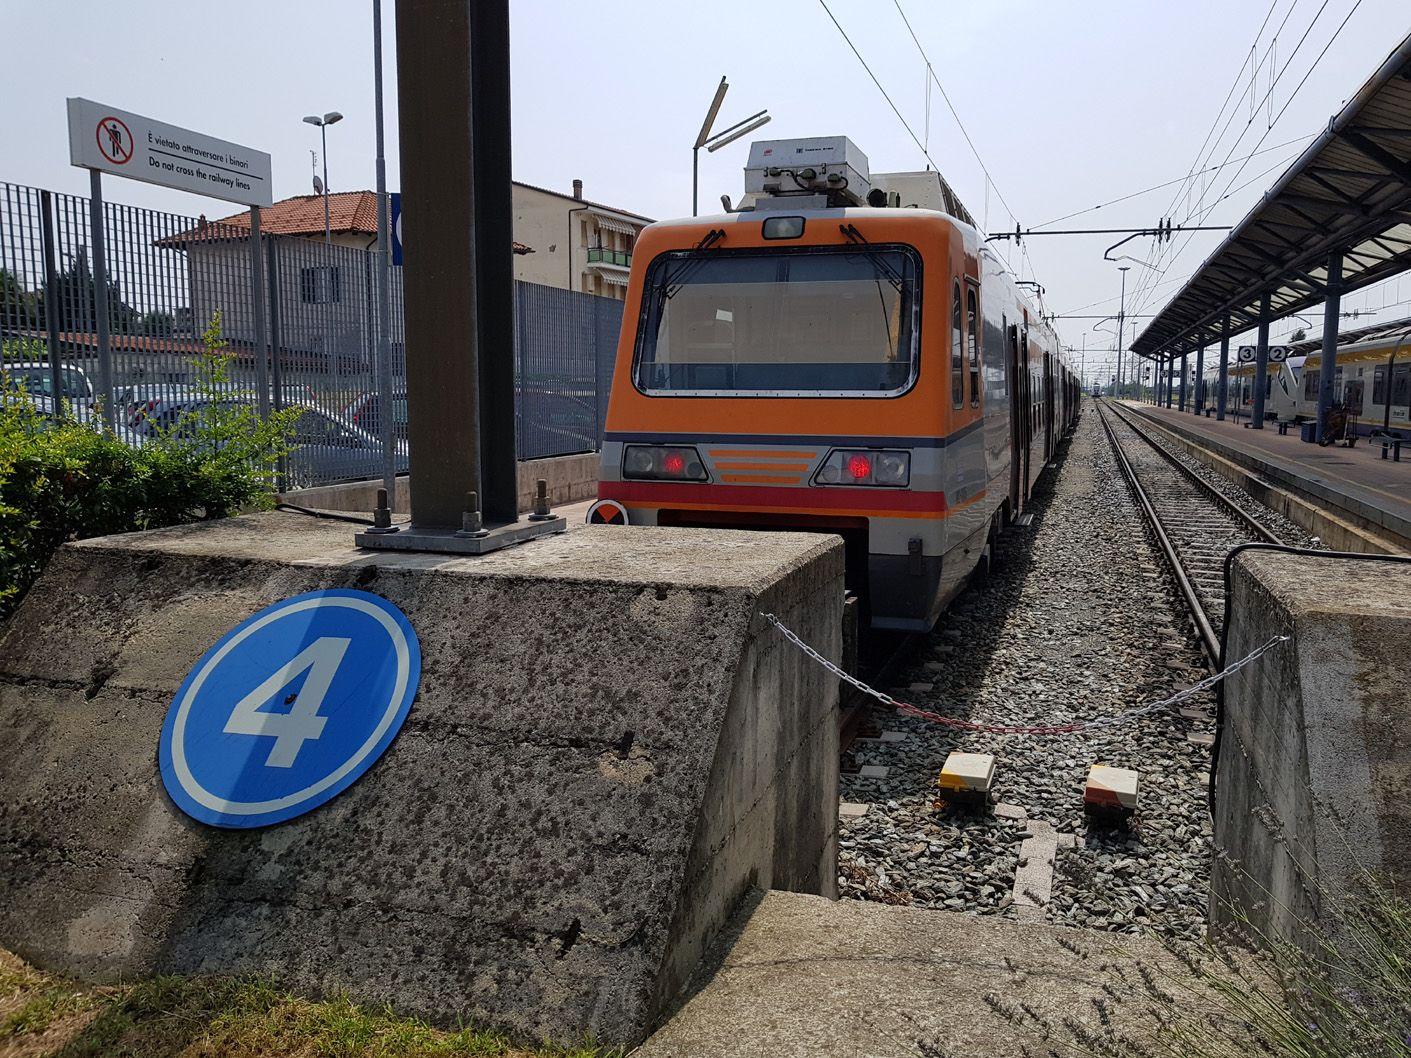 MALTEMPO - Treni della Sfm1 bloccati tra San Benigno e Bosconero